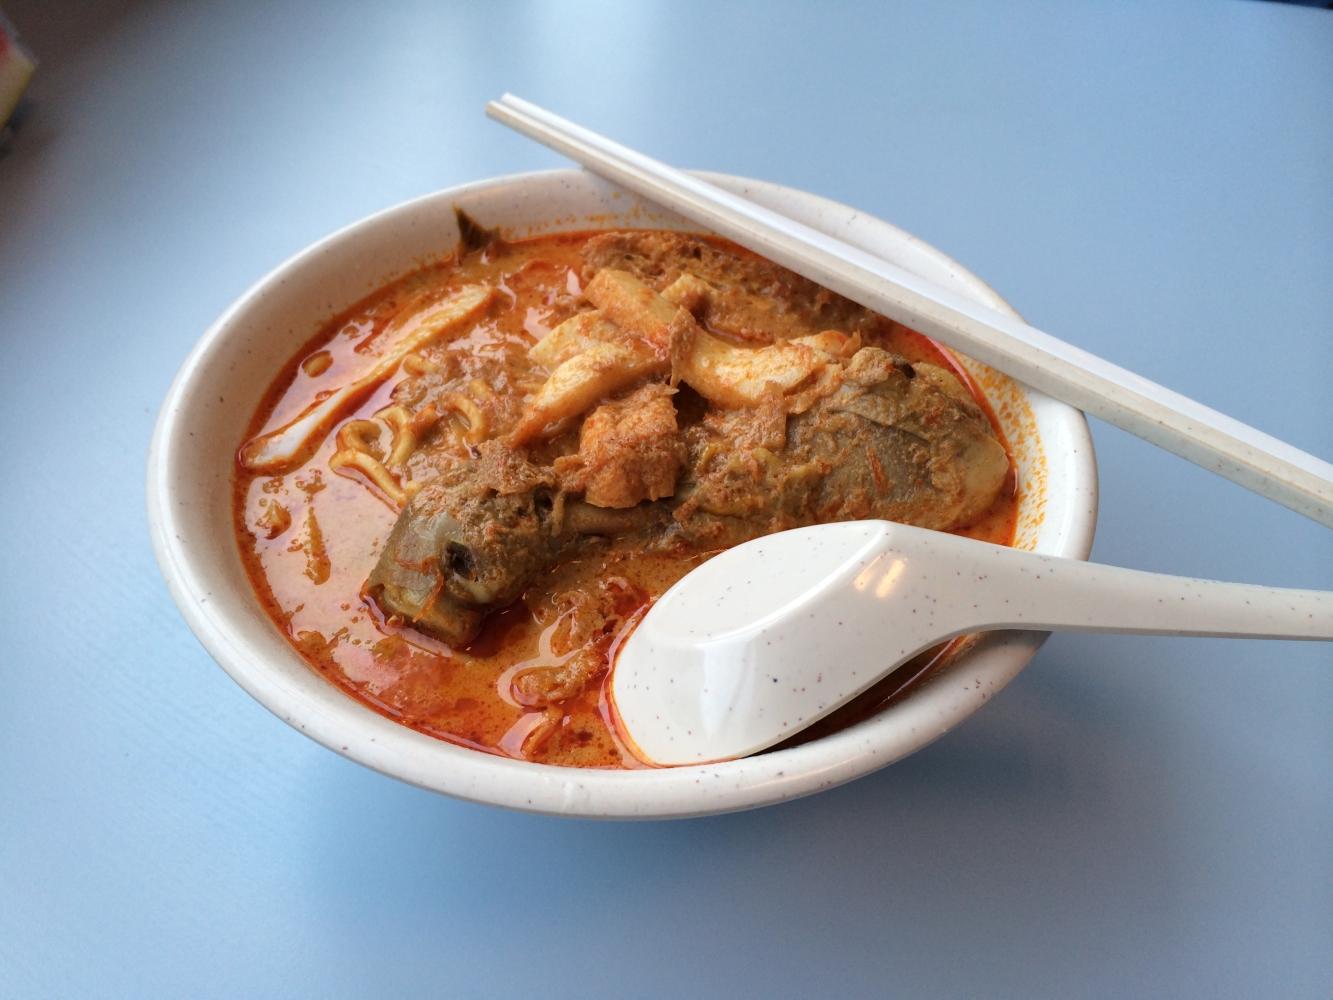 Curry Noodle - Thai Nudelgericht mit Tofustreifen, ganzer Hähnchenkeule und scharfer Curry-Soße